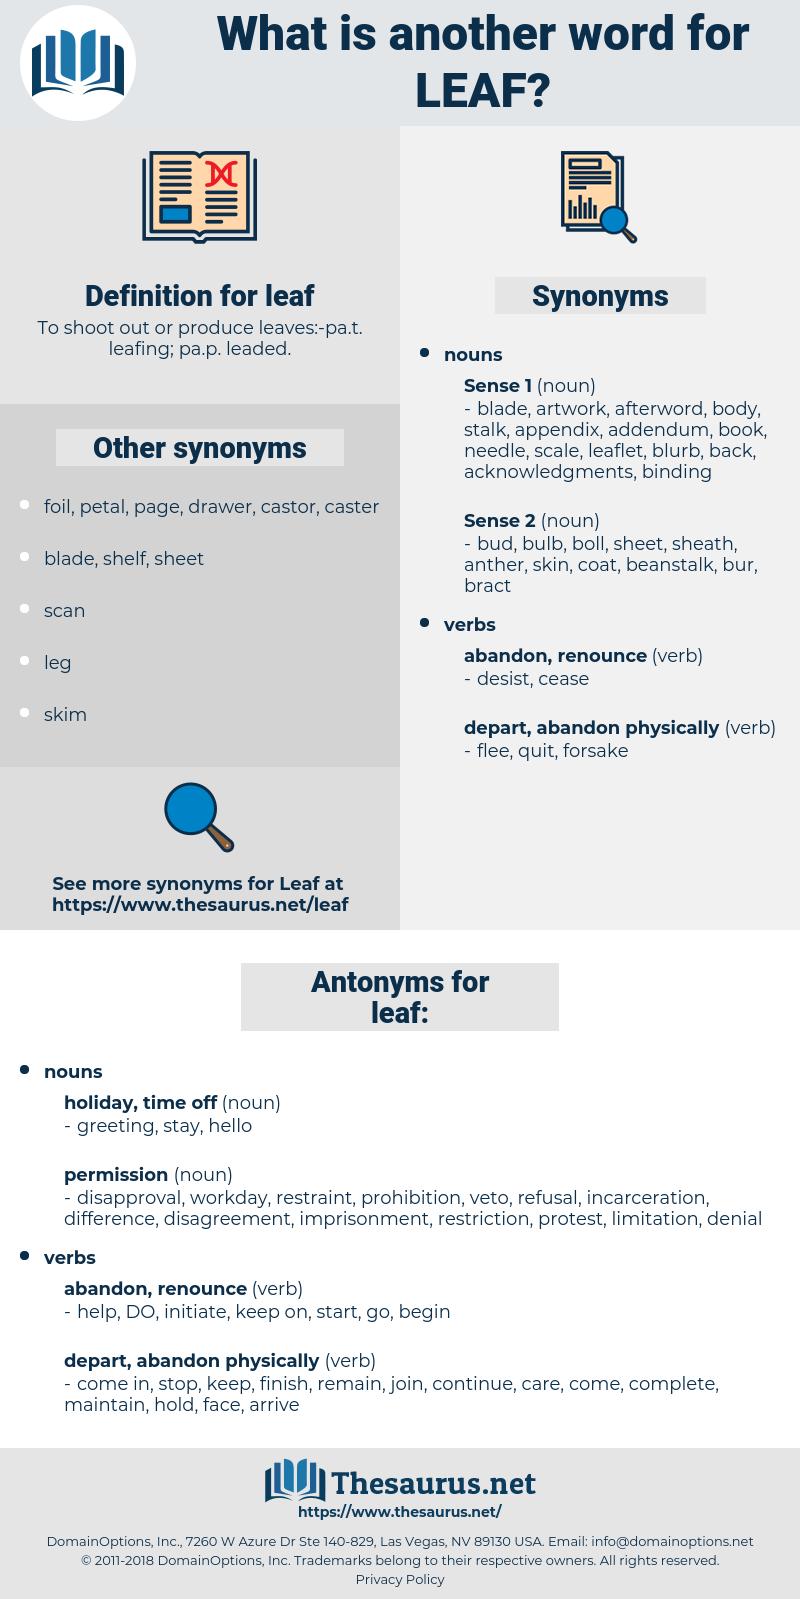 leaf, synonym leaf, another word for leaf, words like leaf, thesaurus leaf